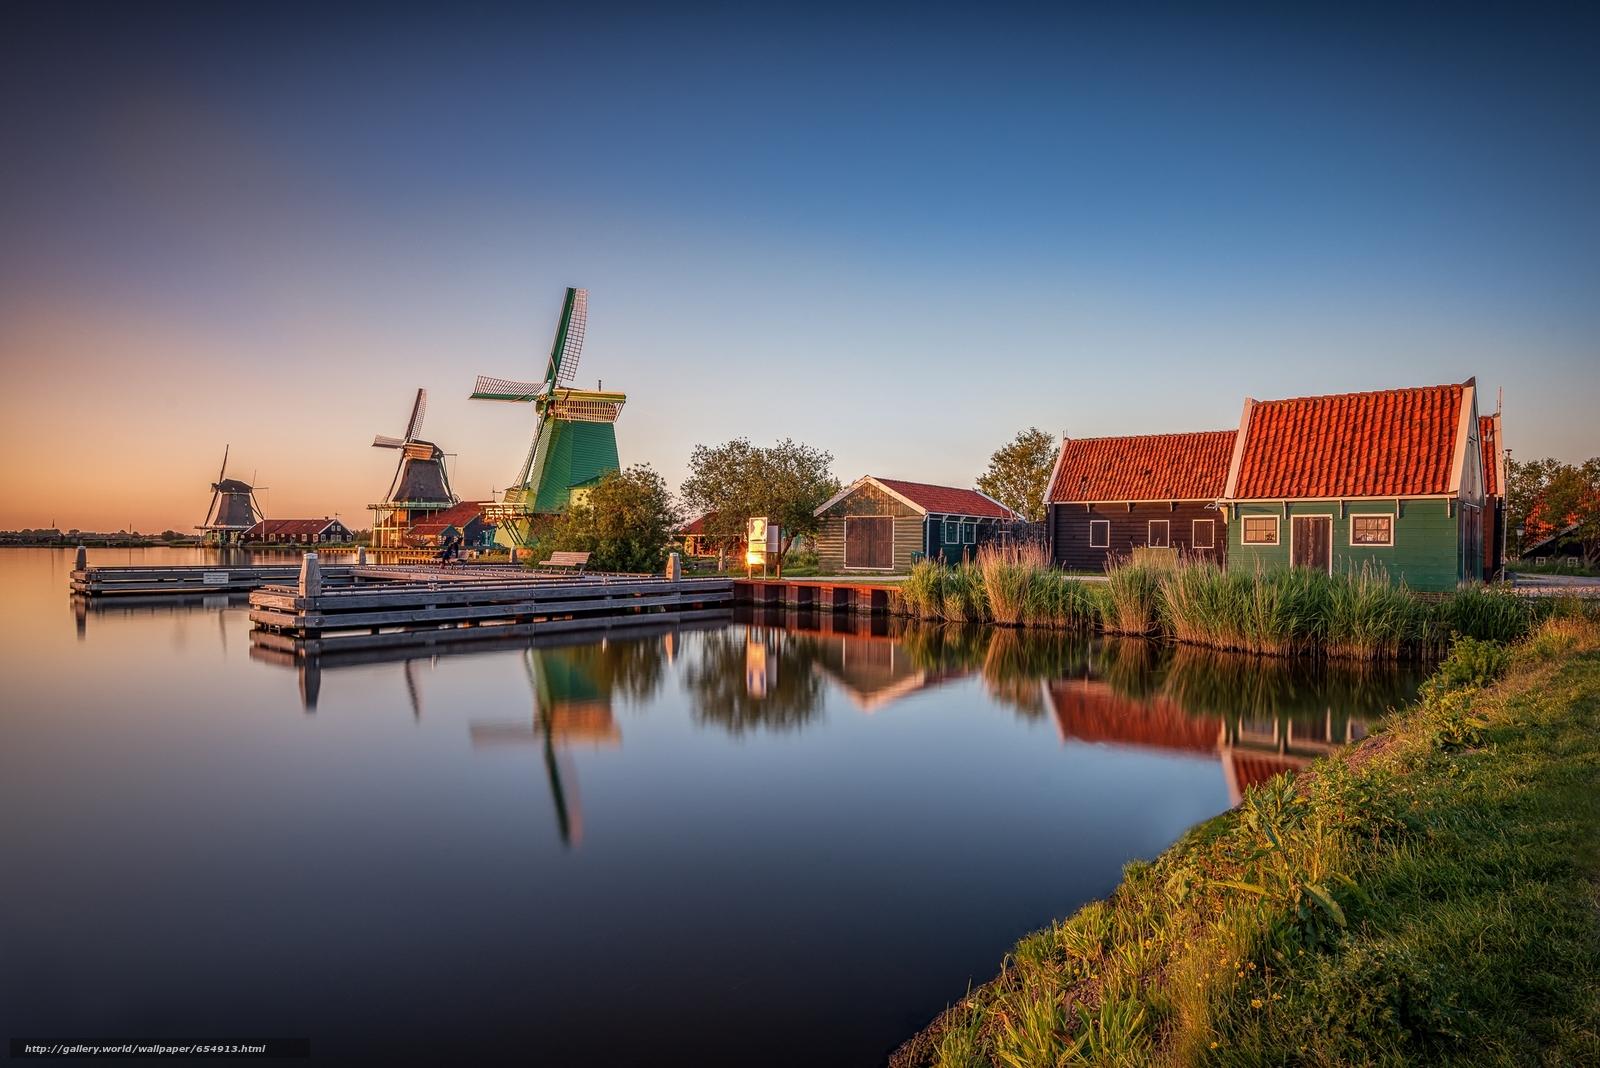 Скачать обои деревня Заансе Сханс,  Нидерланды,  закат,  пейзаж бесплатно для рабочего стола в разрешении 2048x1367 — картинка №654913